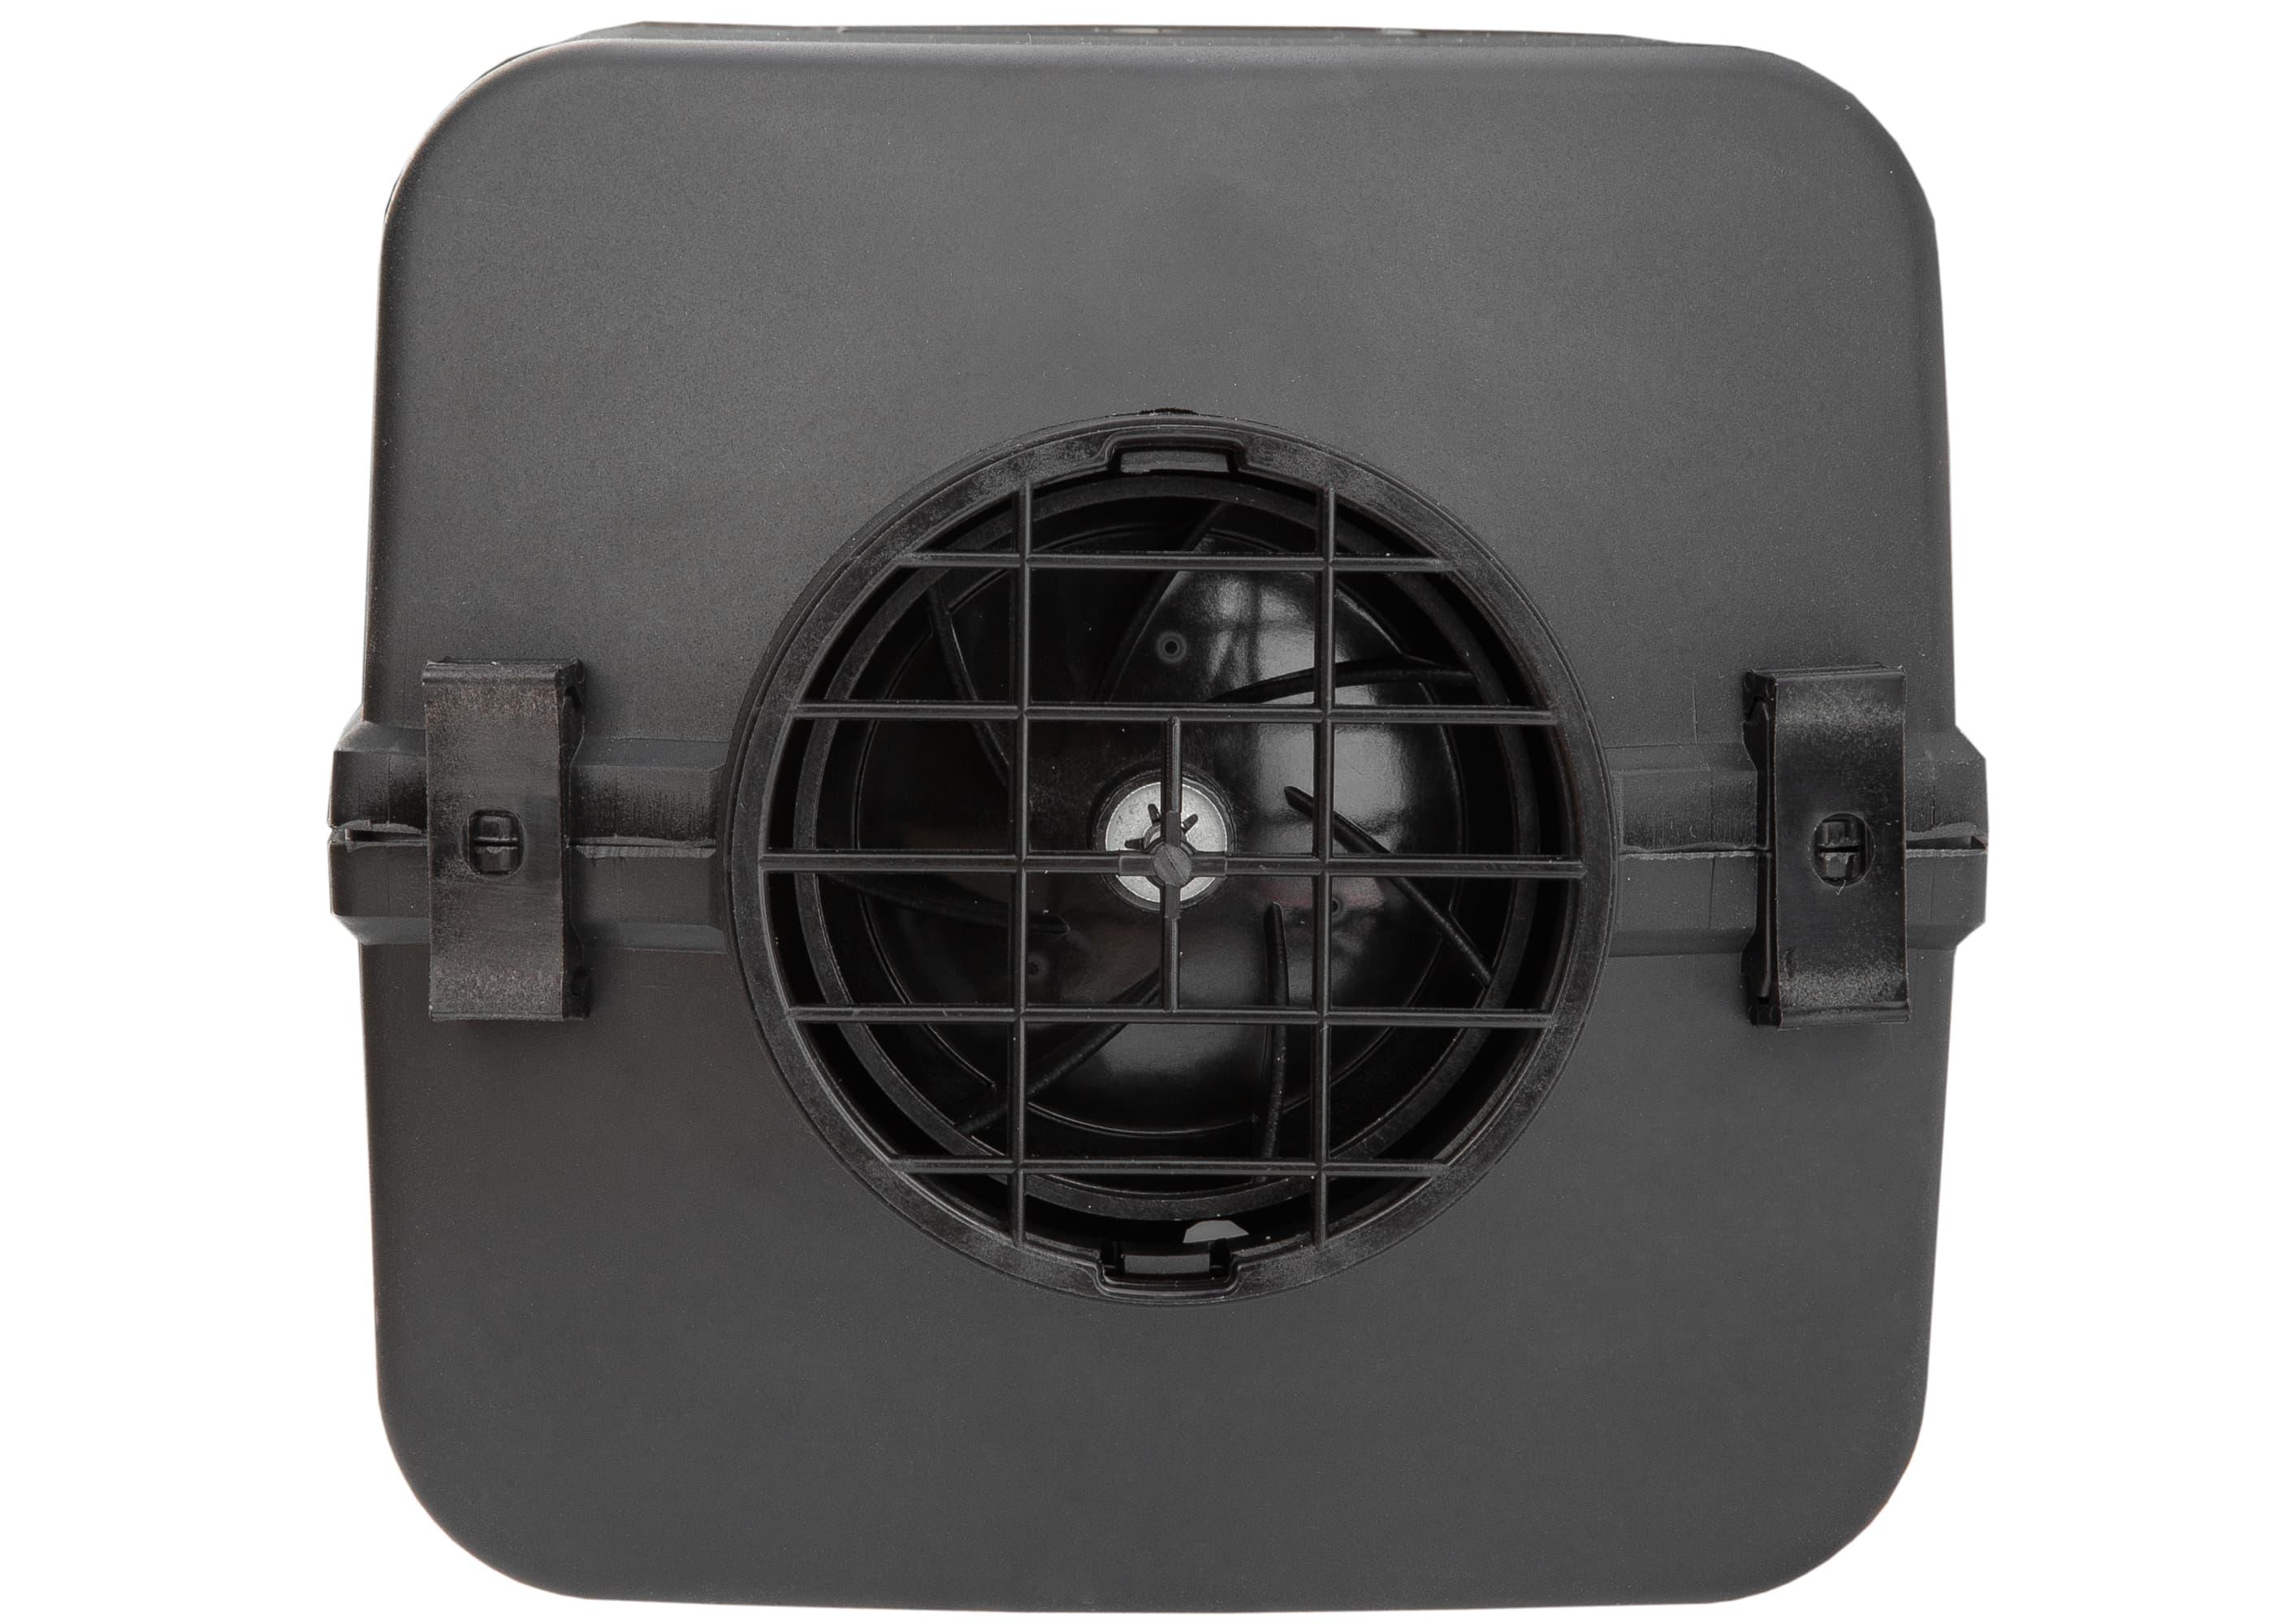 42915-Planar Diesel-Luftheizung 44D DELUXE URAL EDITION-4kW-1.jpg